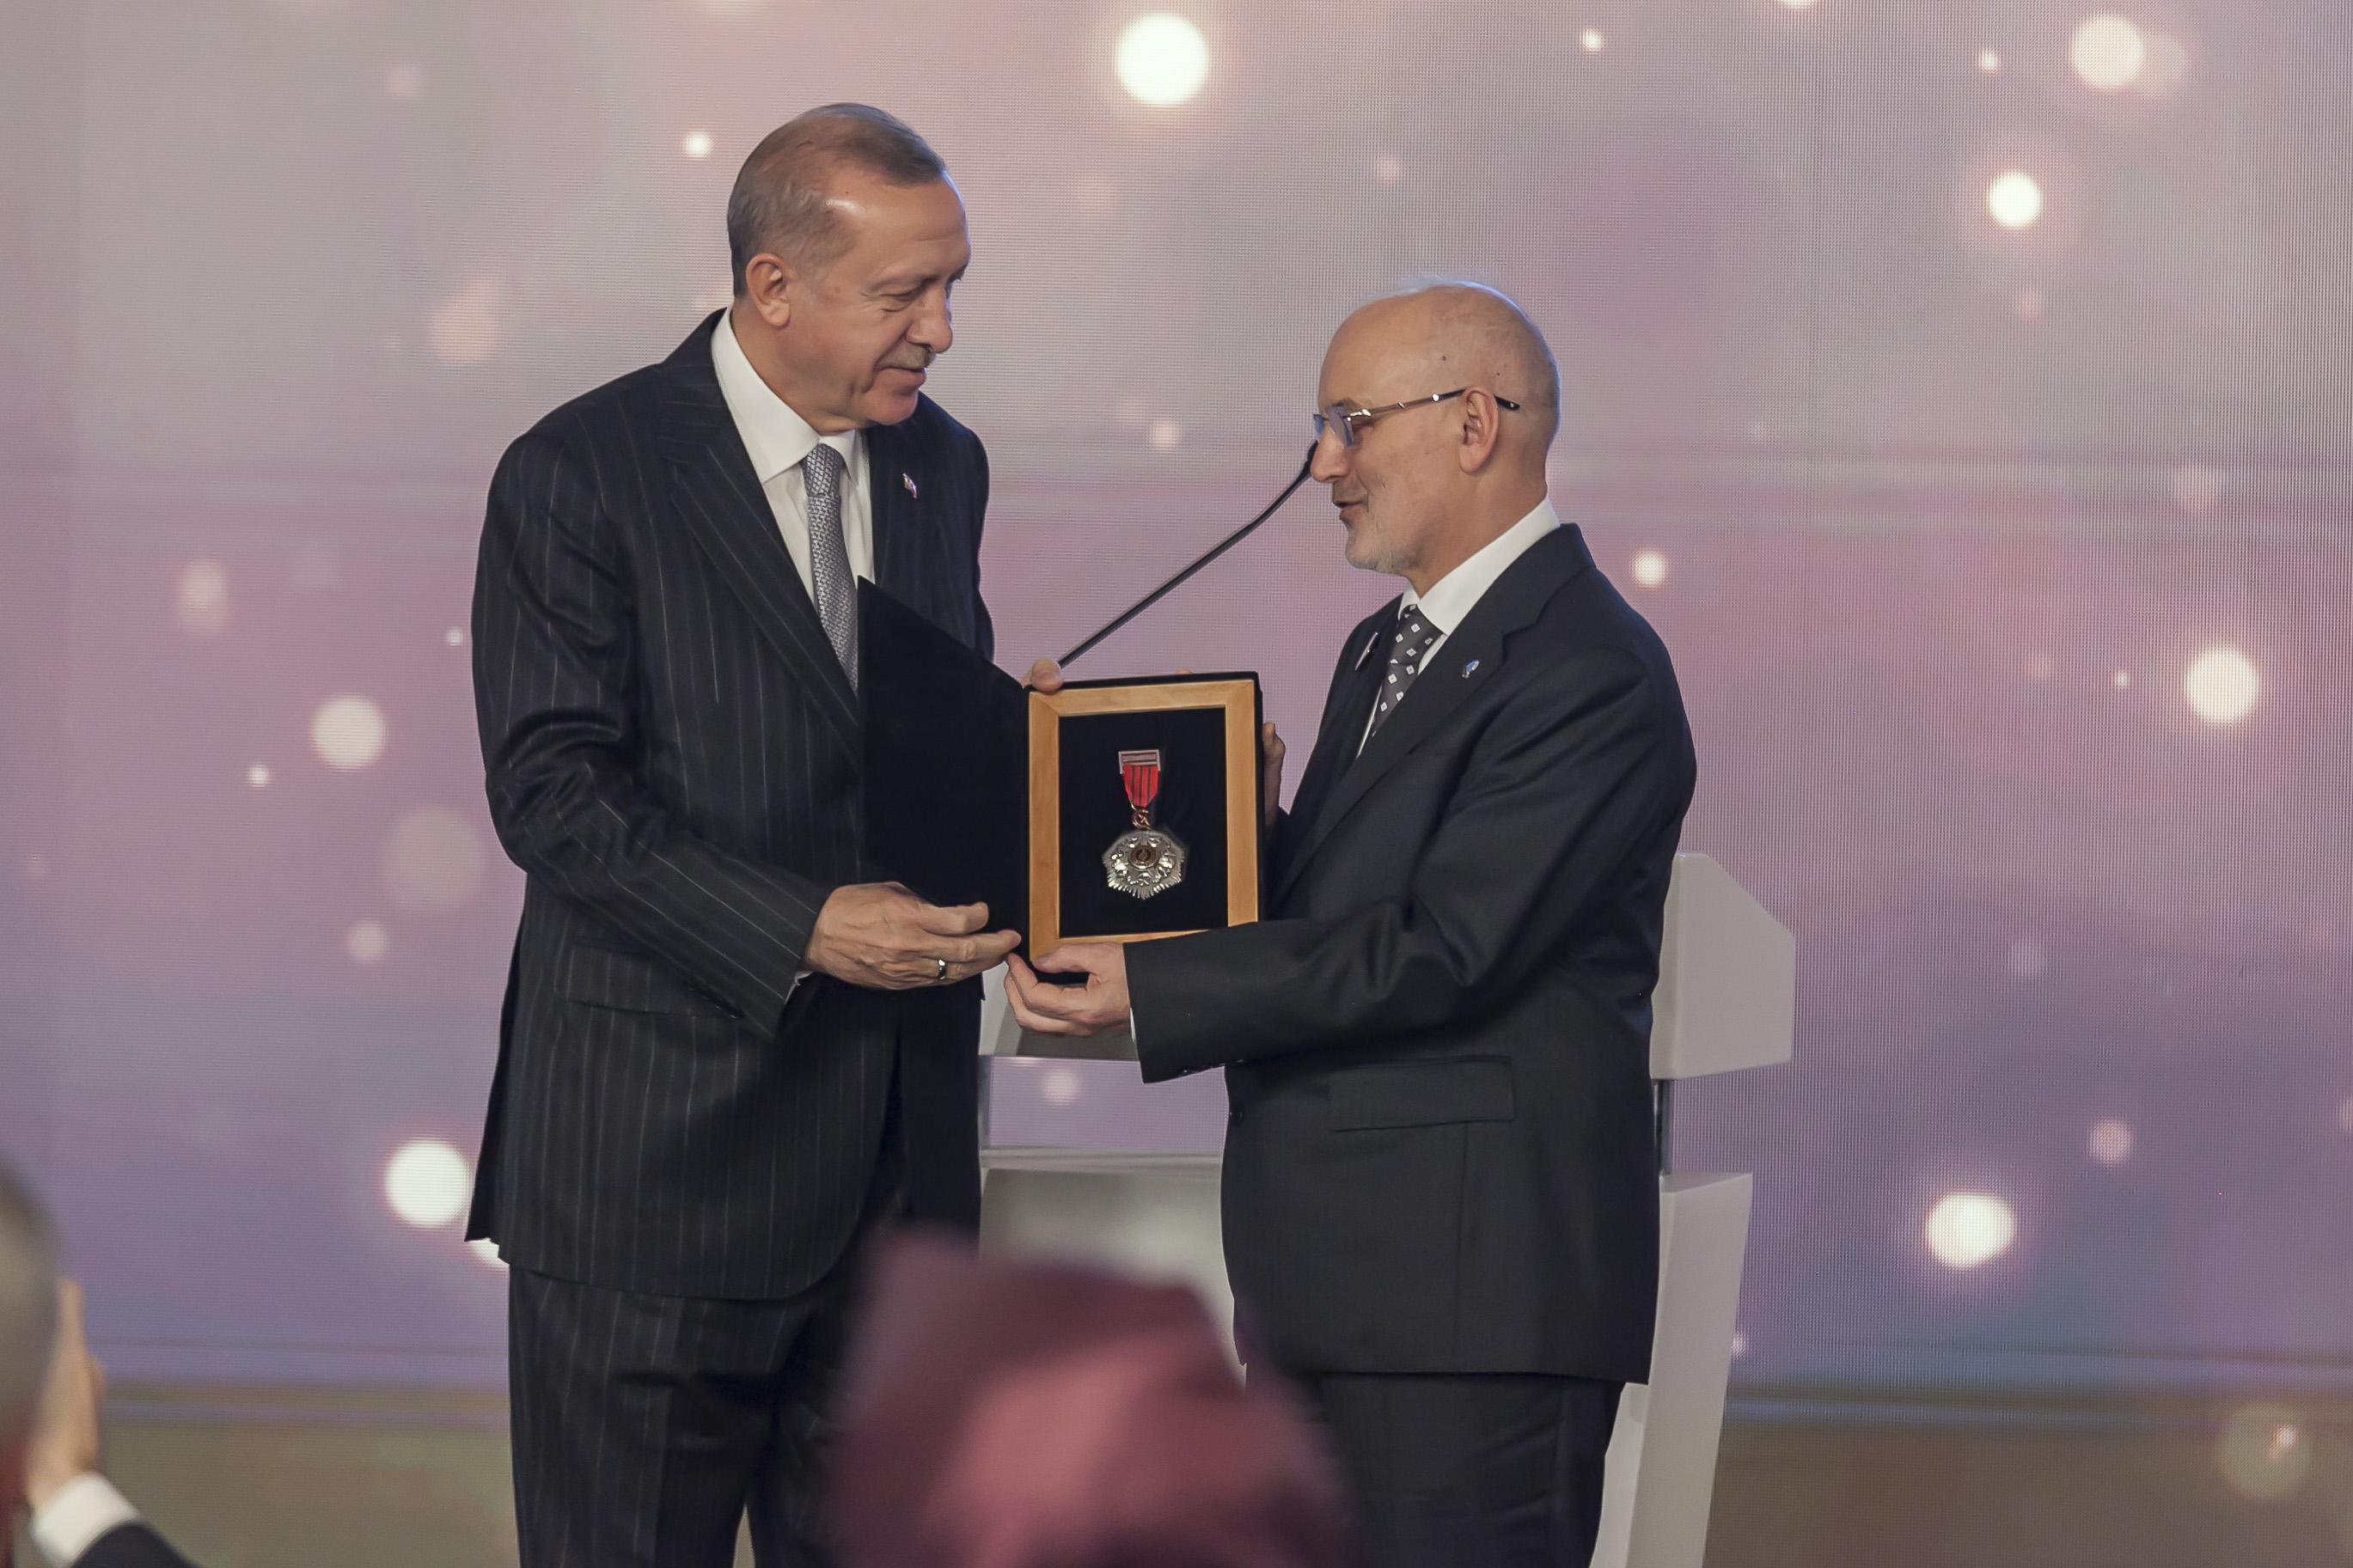 Türkiyenin Akademi Ödülleri Sahiplerini Buldu - Haberler - İlim Yayma Vakfı, İYV